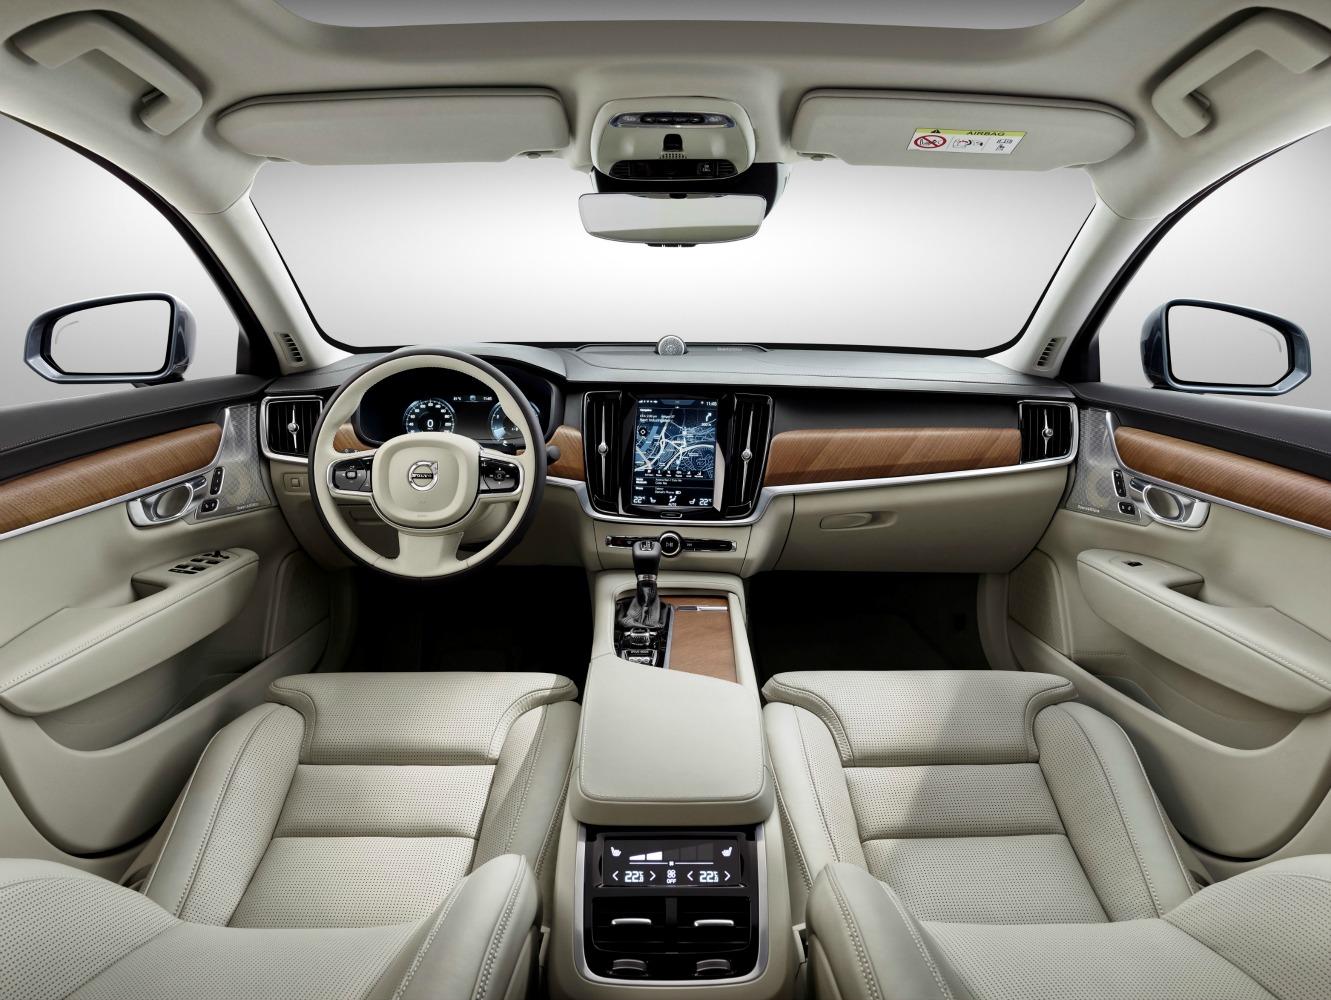 FYLE Volvo S90 Interior Blond